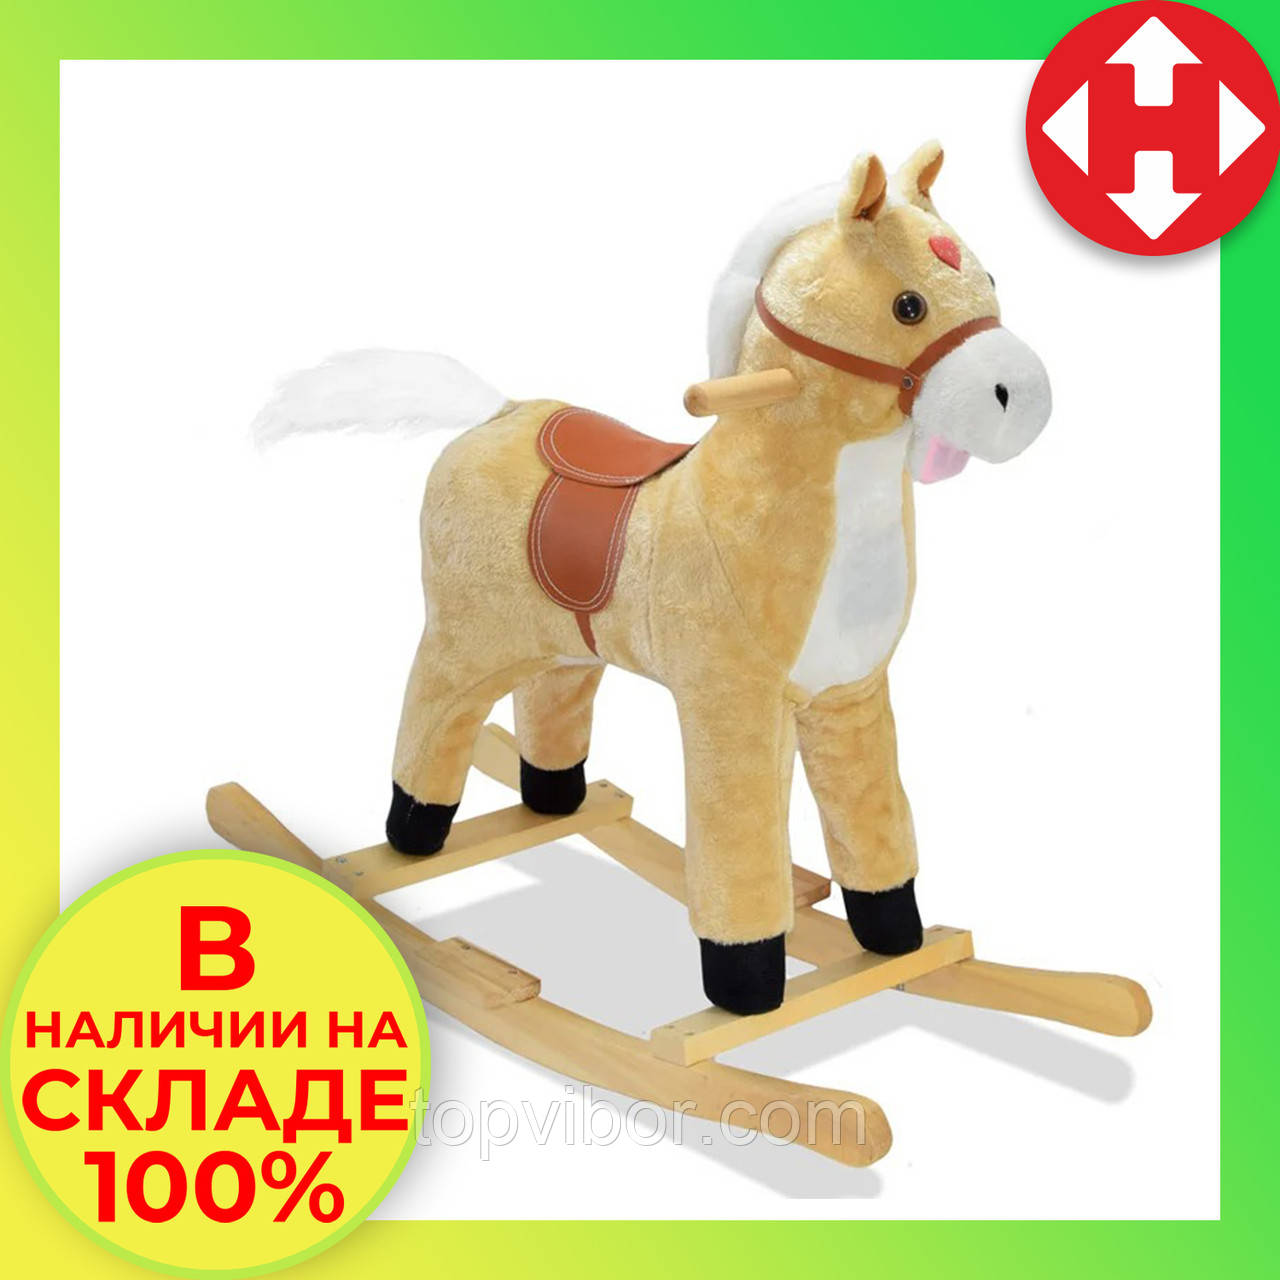 """Музыкальная лошадка качалка детская """"Поющий конь"""", Плюшевый, Светло-коричневый (высота - 62 см)"""